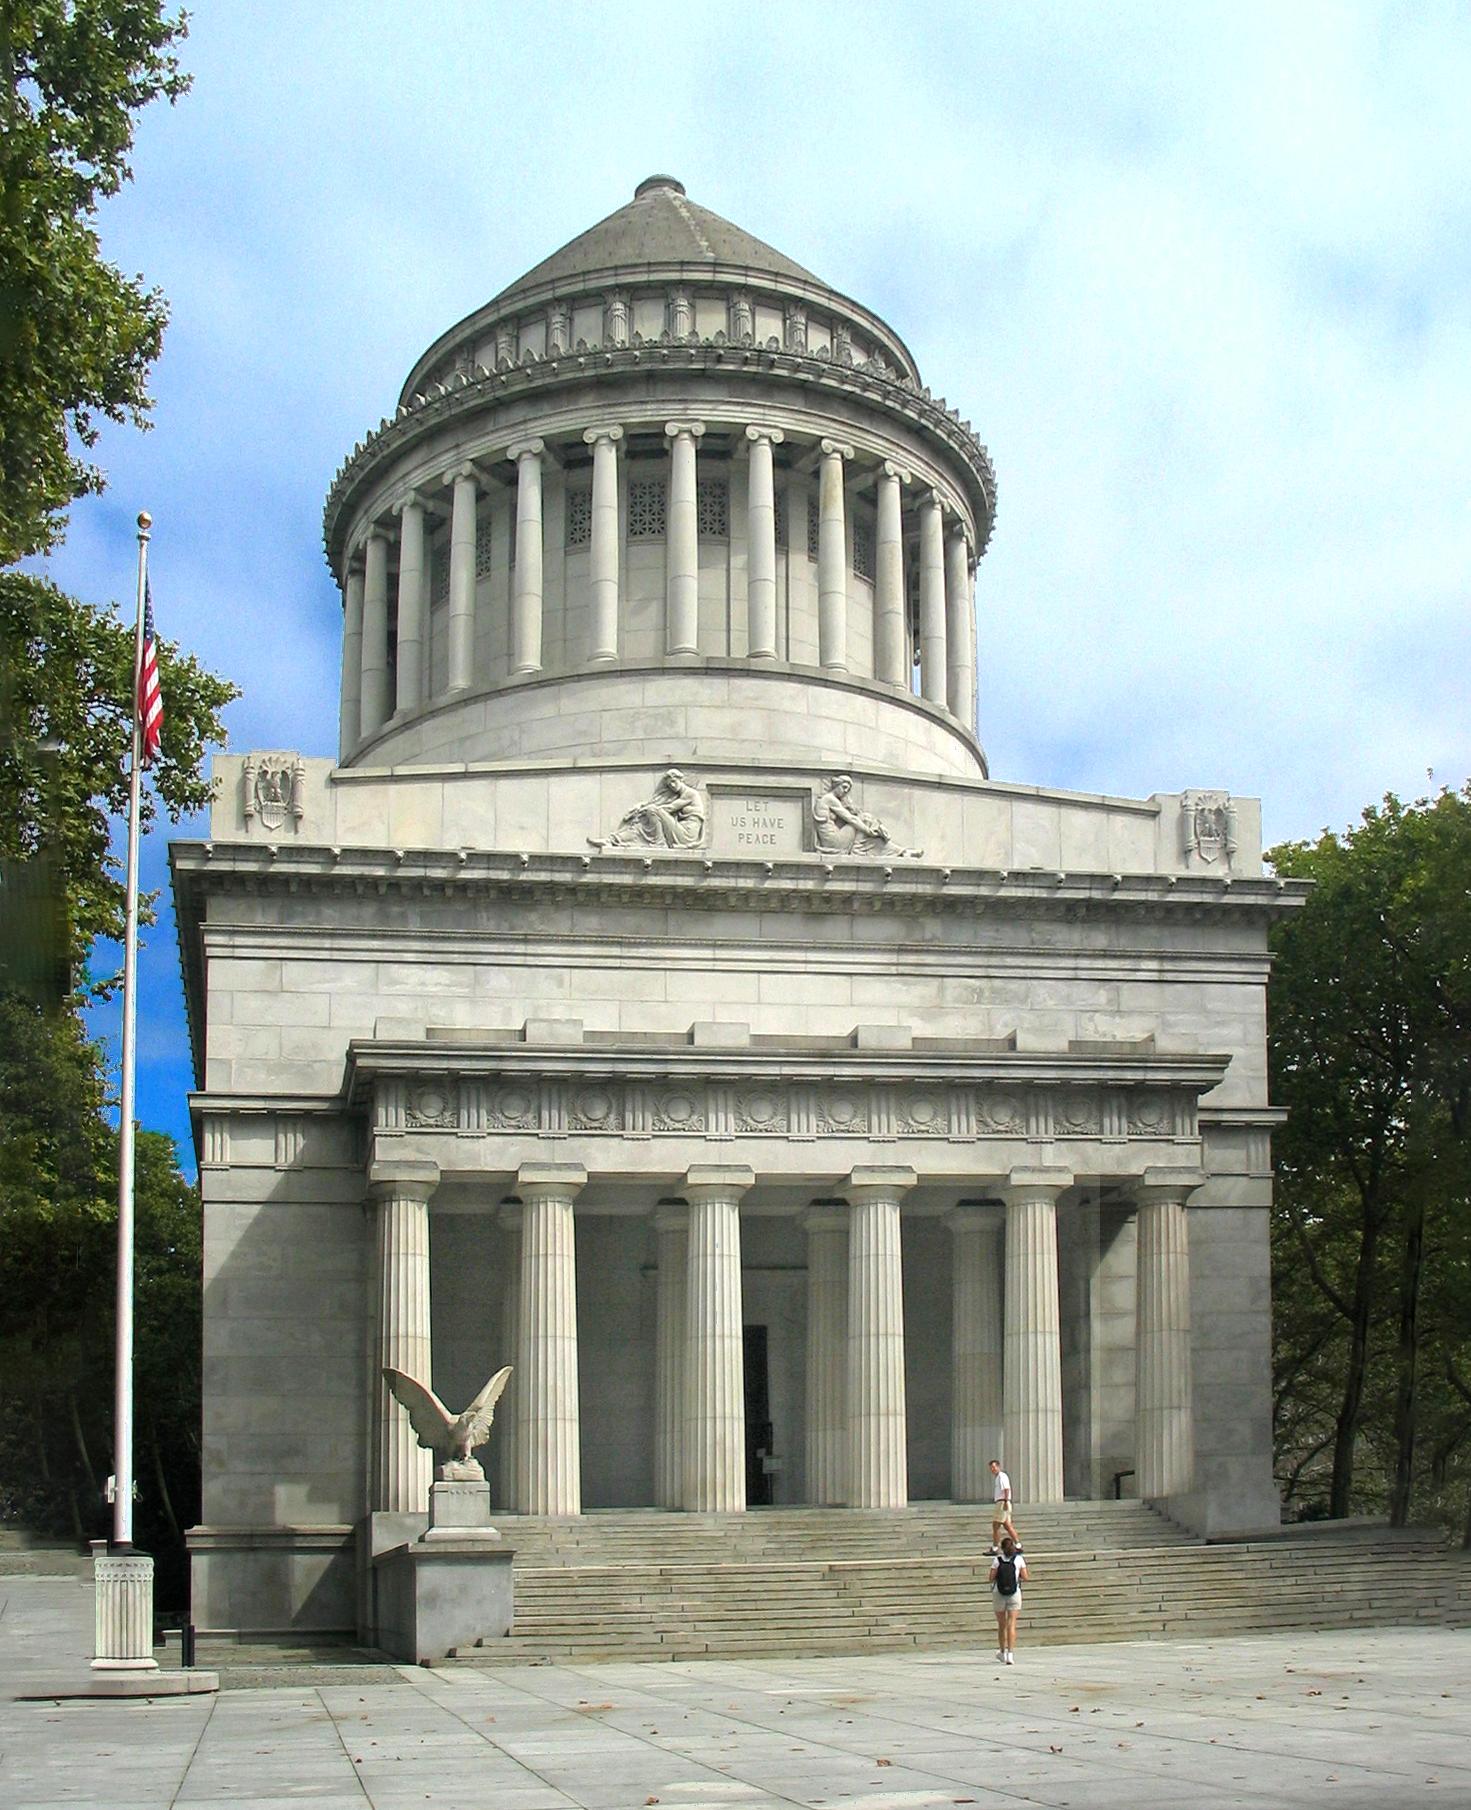 Мauzolej USA_grants_tomb